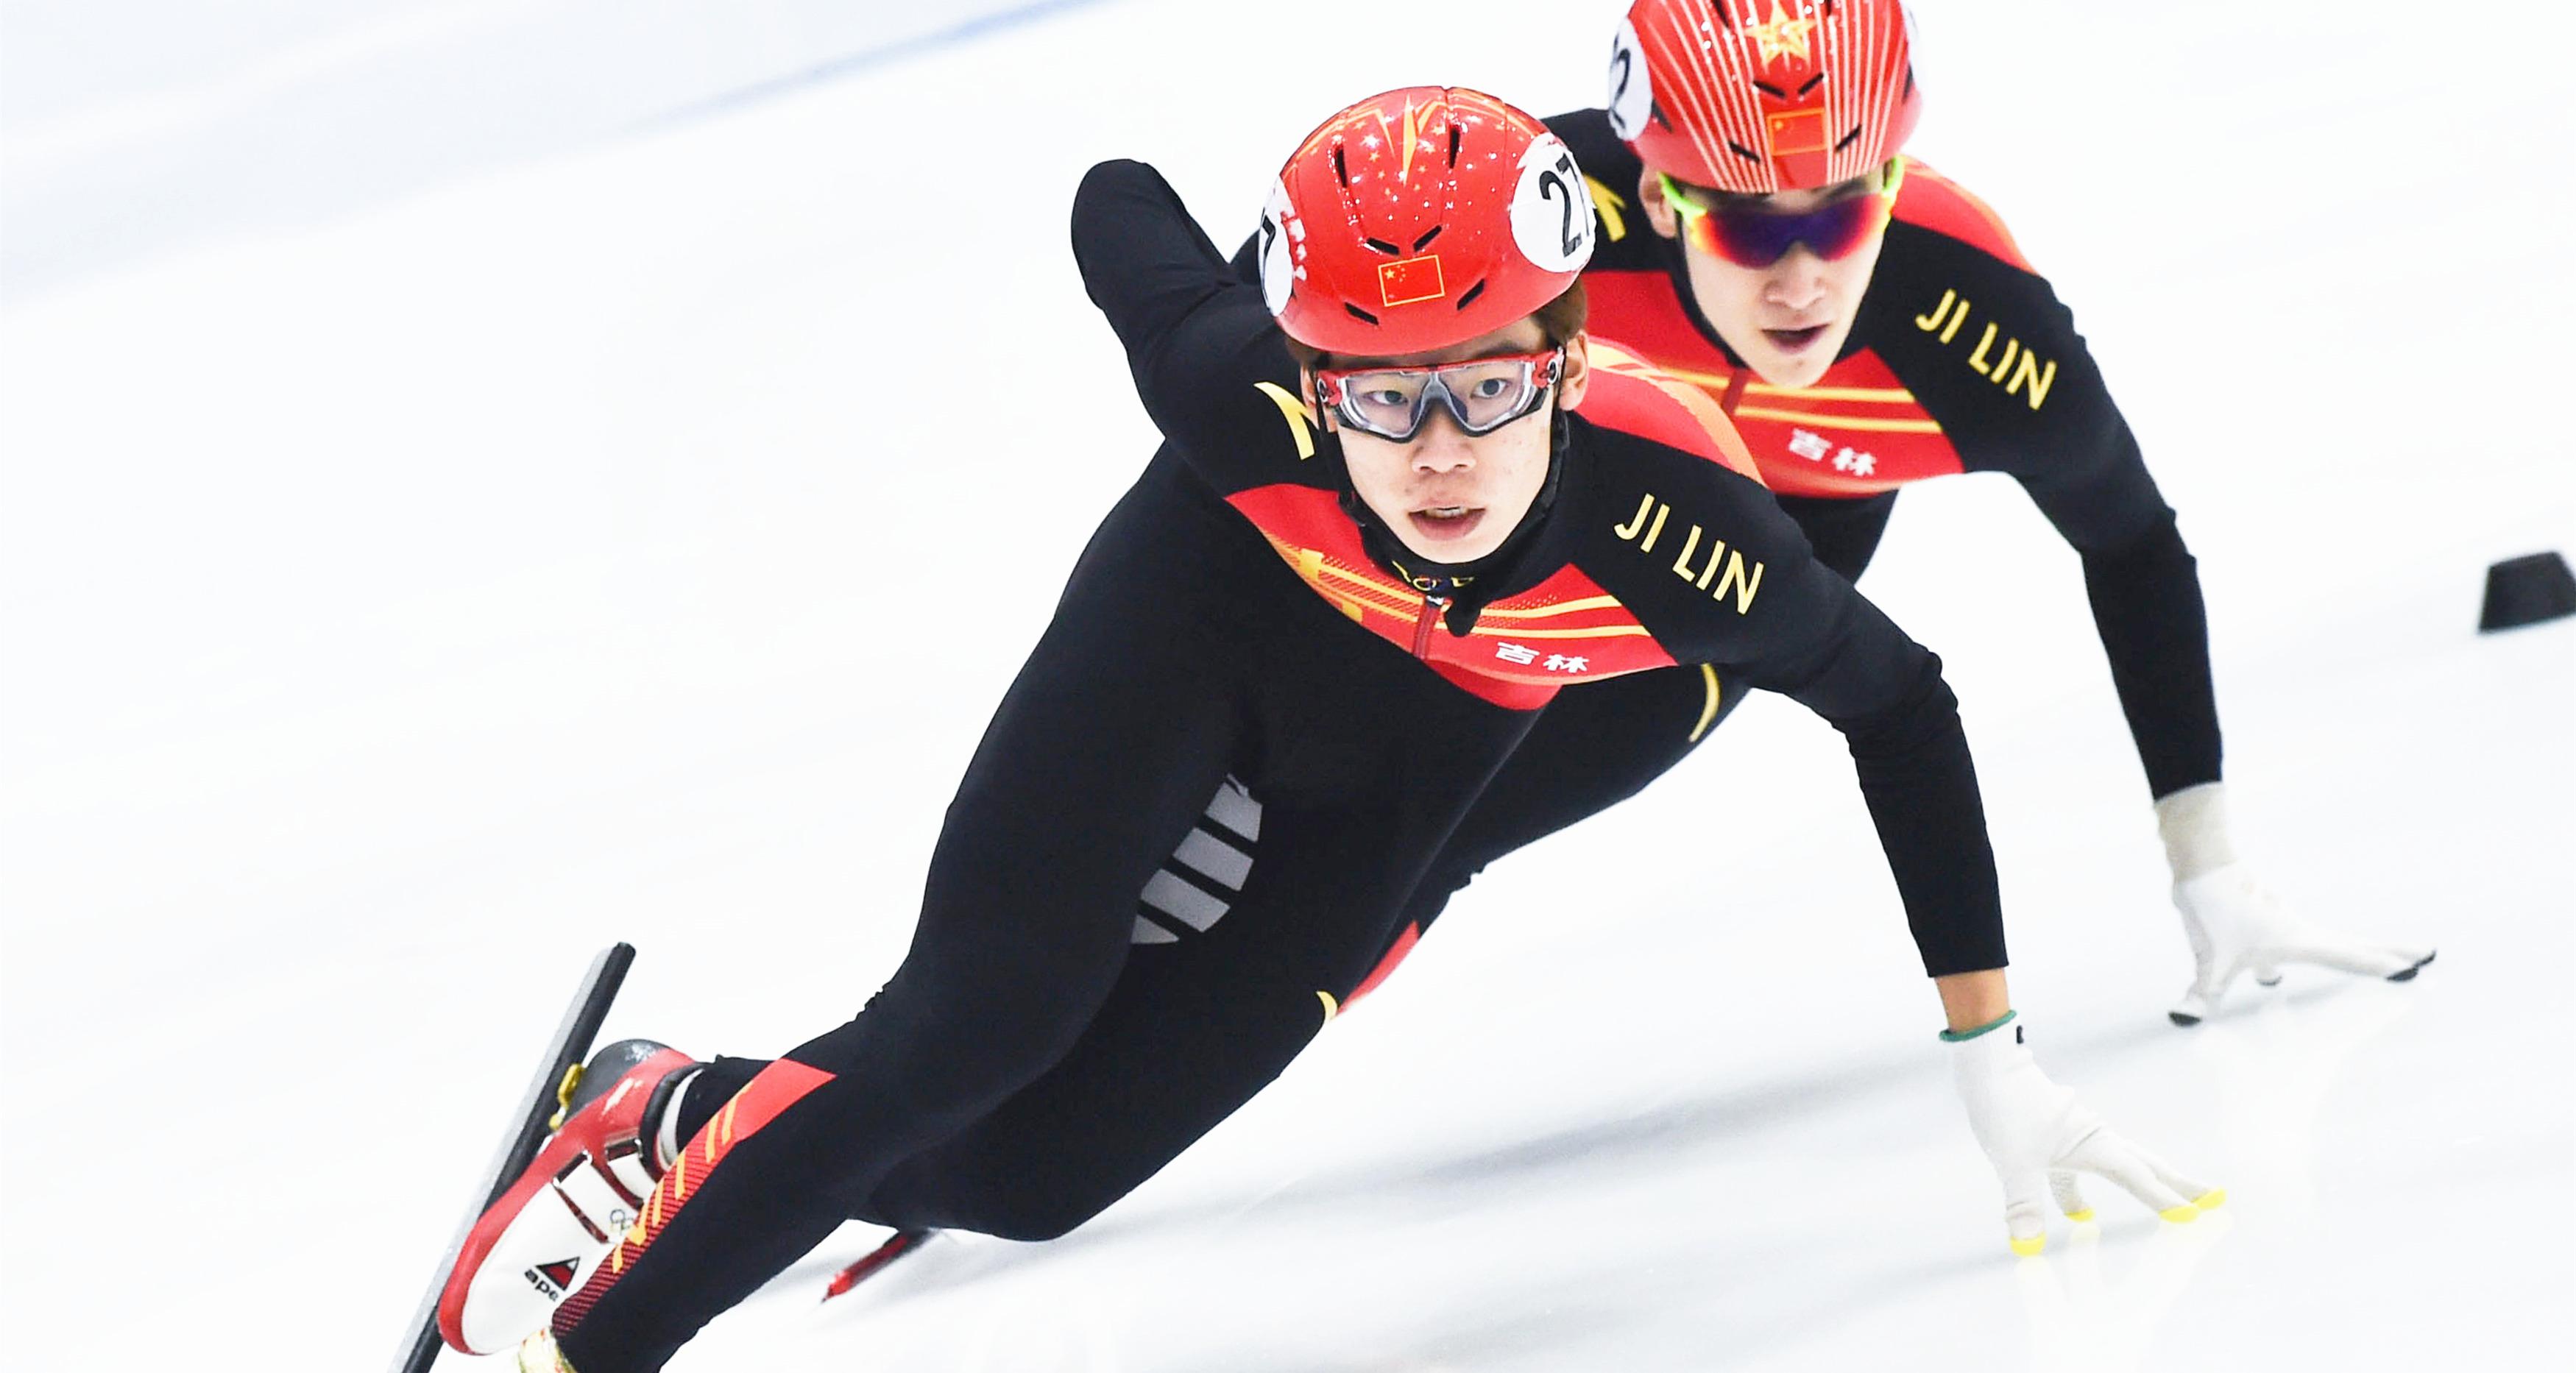 積極備戰,中國冬奧軍團為參賽精彩而衝刺